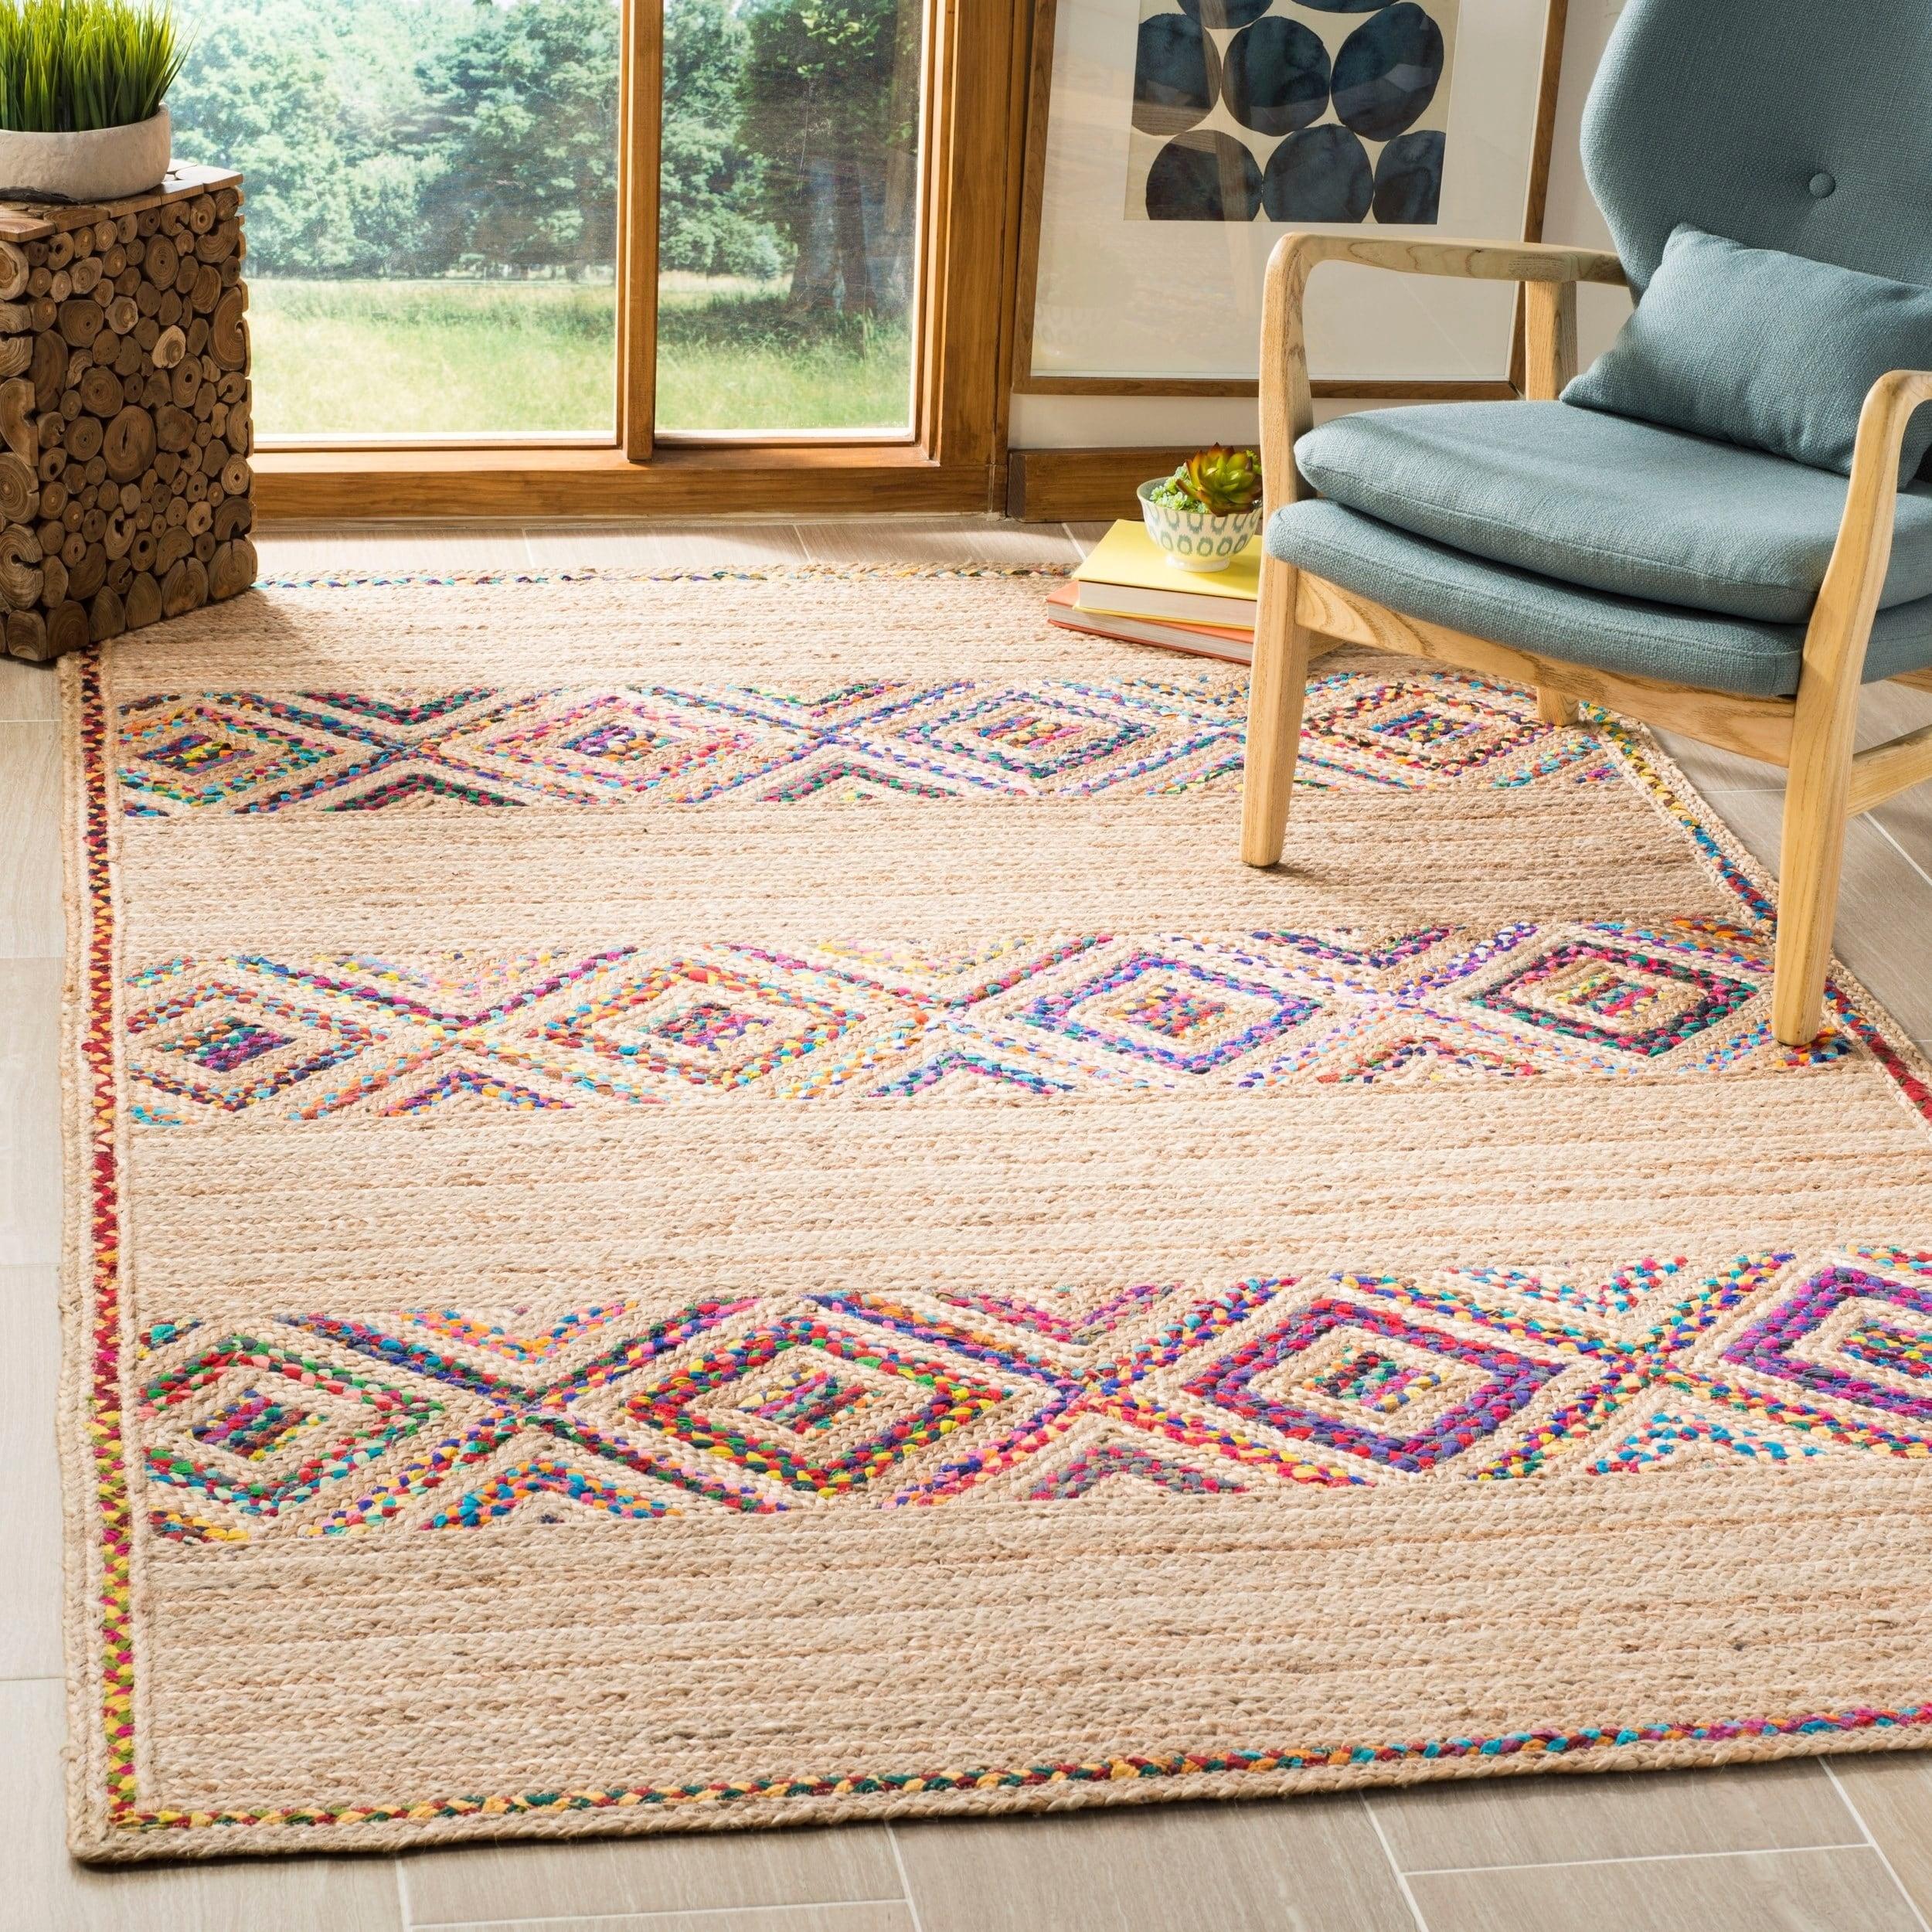 Modern Nature Rug: Safavieh Hand-Woven Natural Fiber Modern & Contemporary